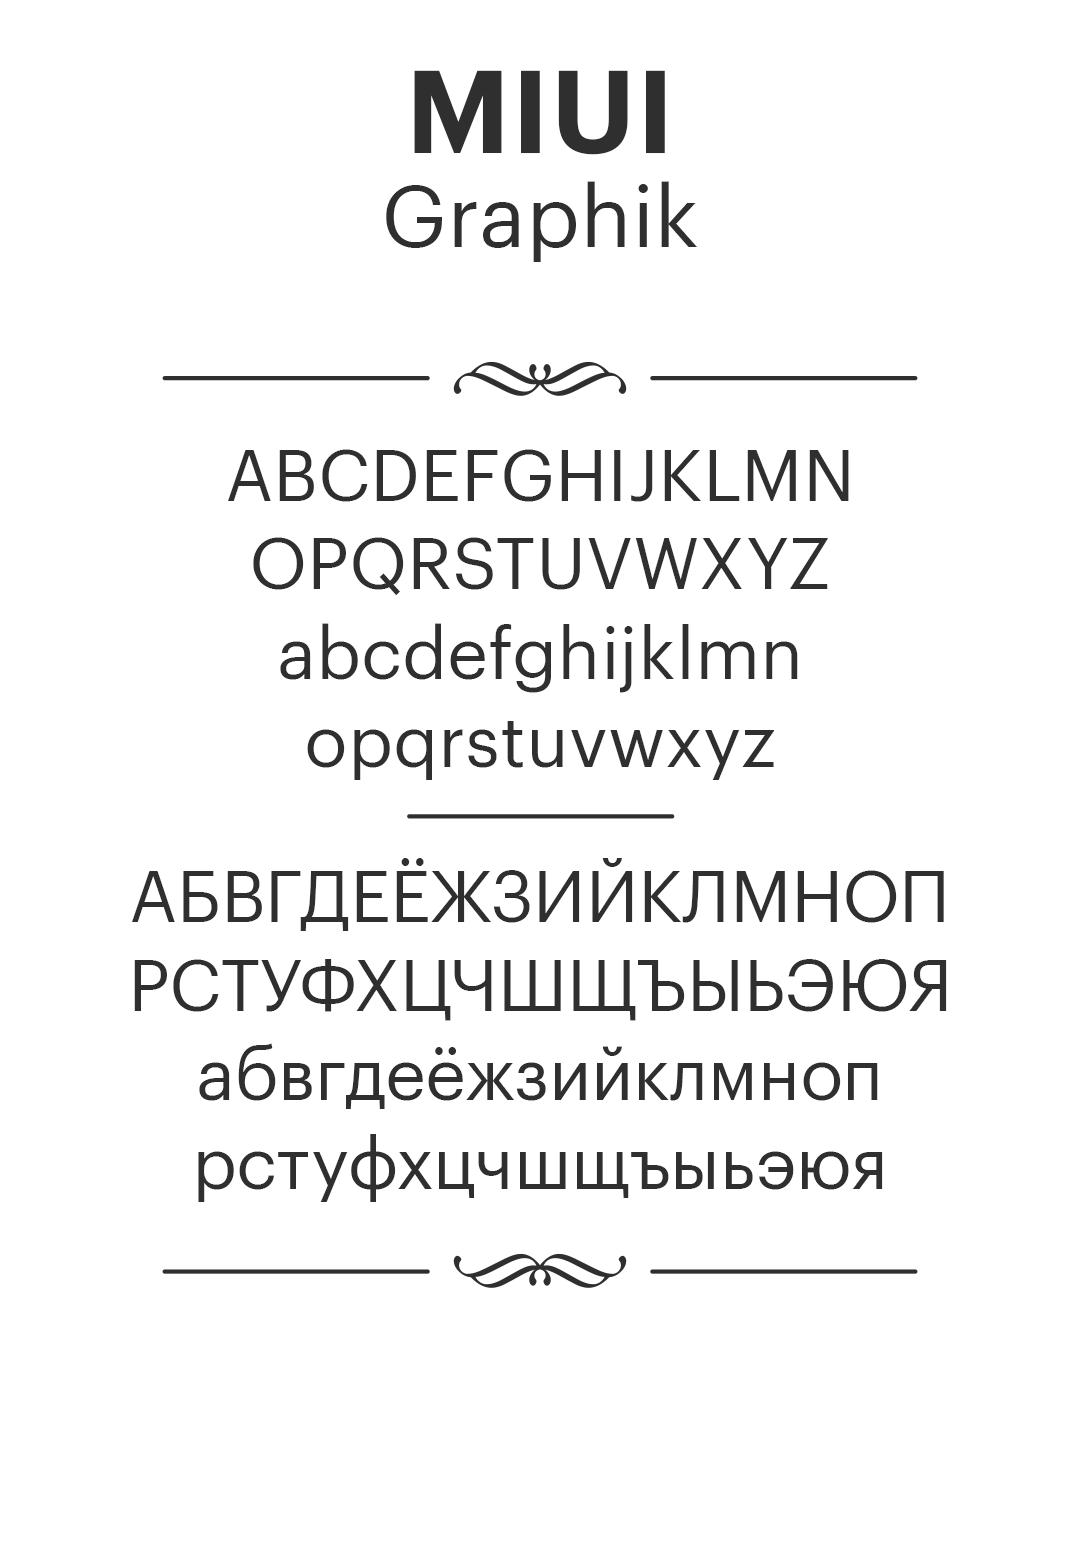 preview fonts big 0 9